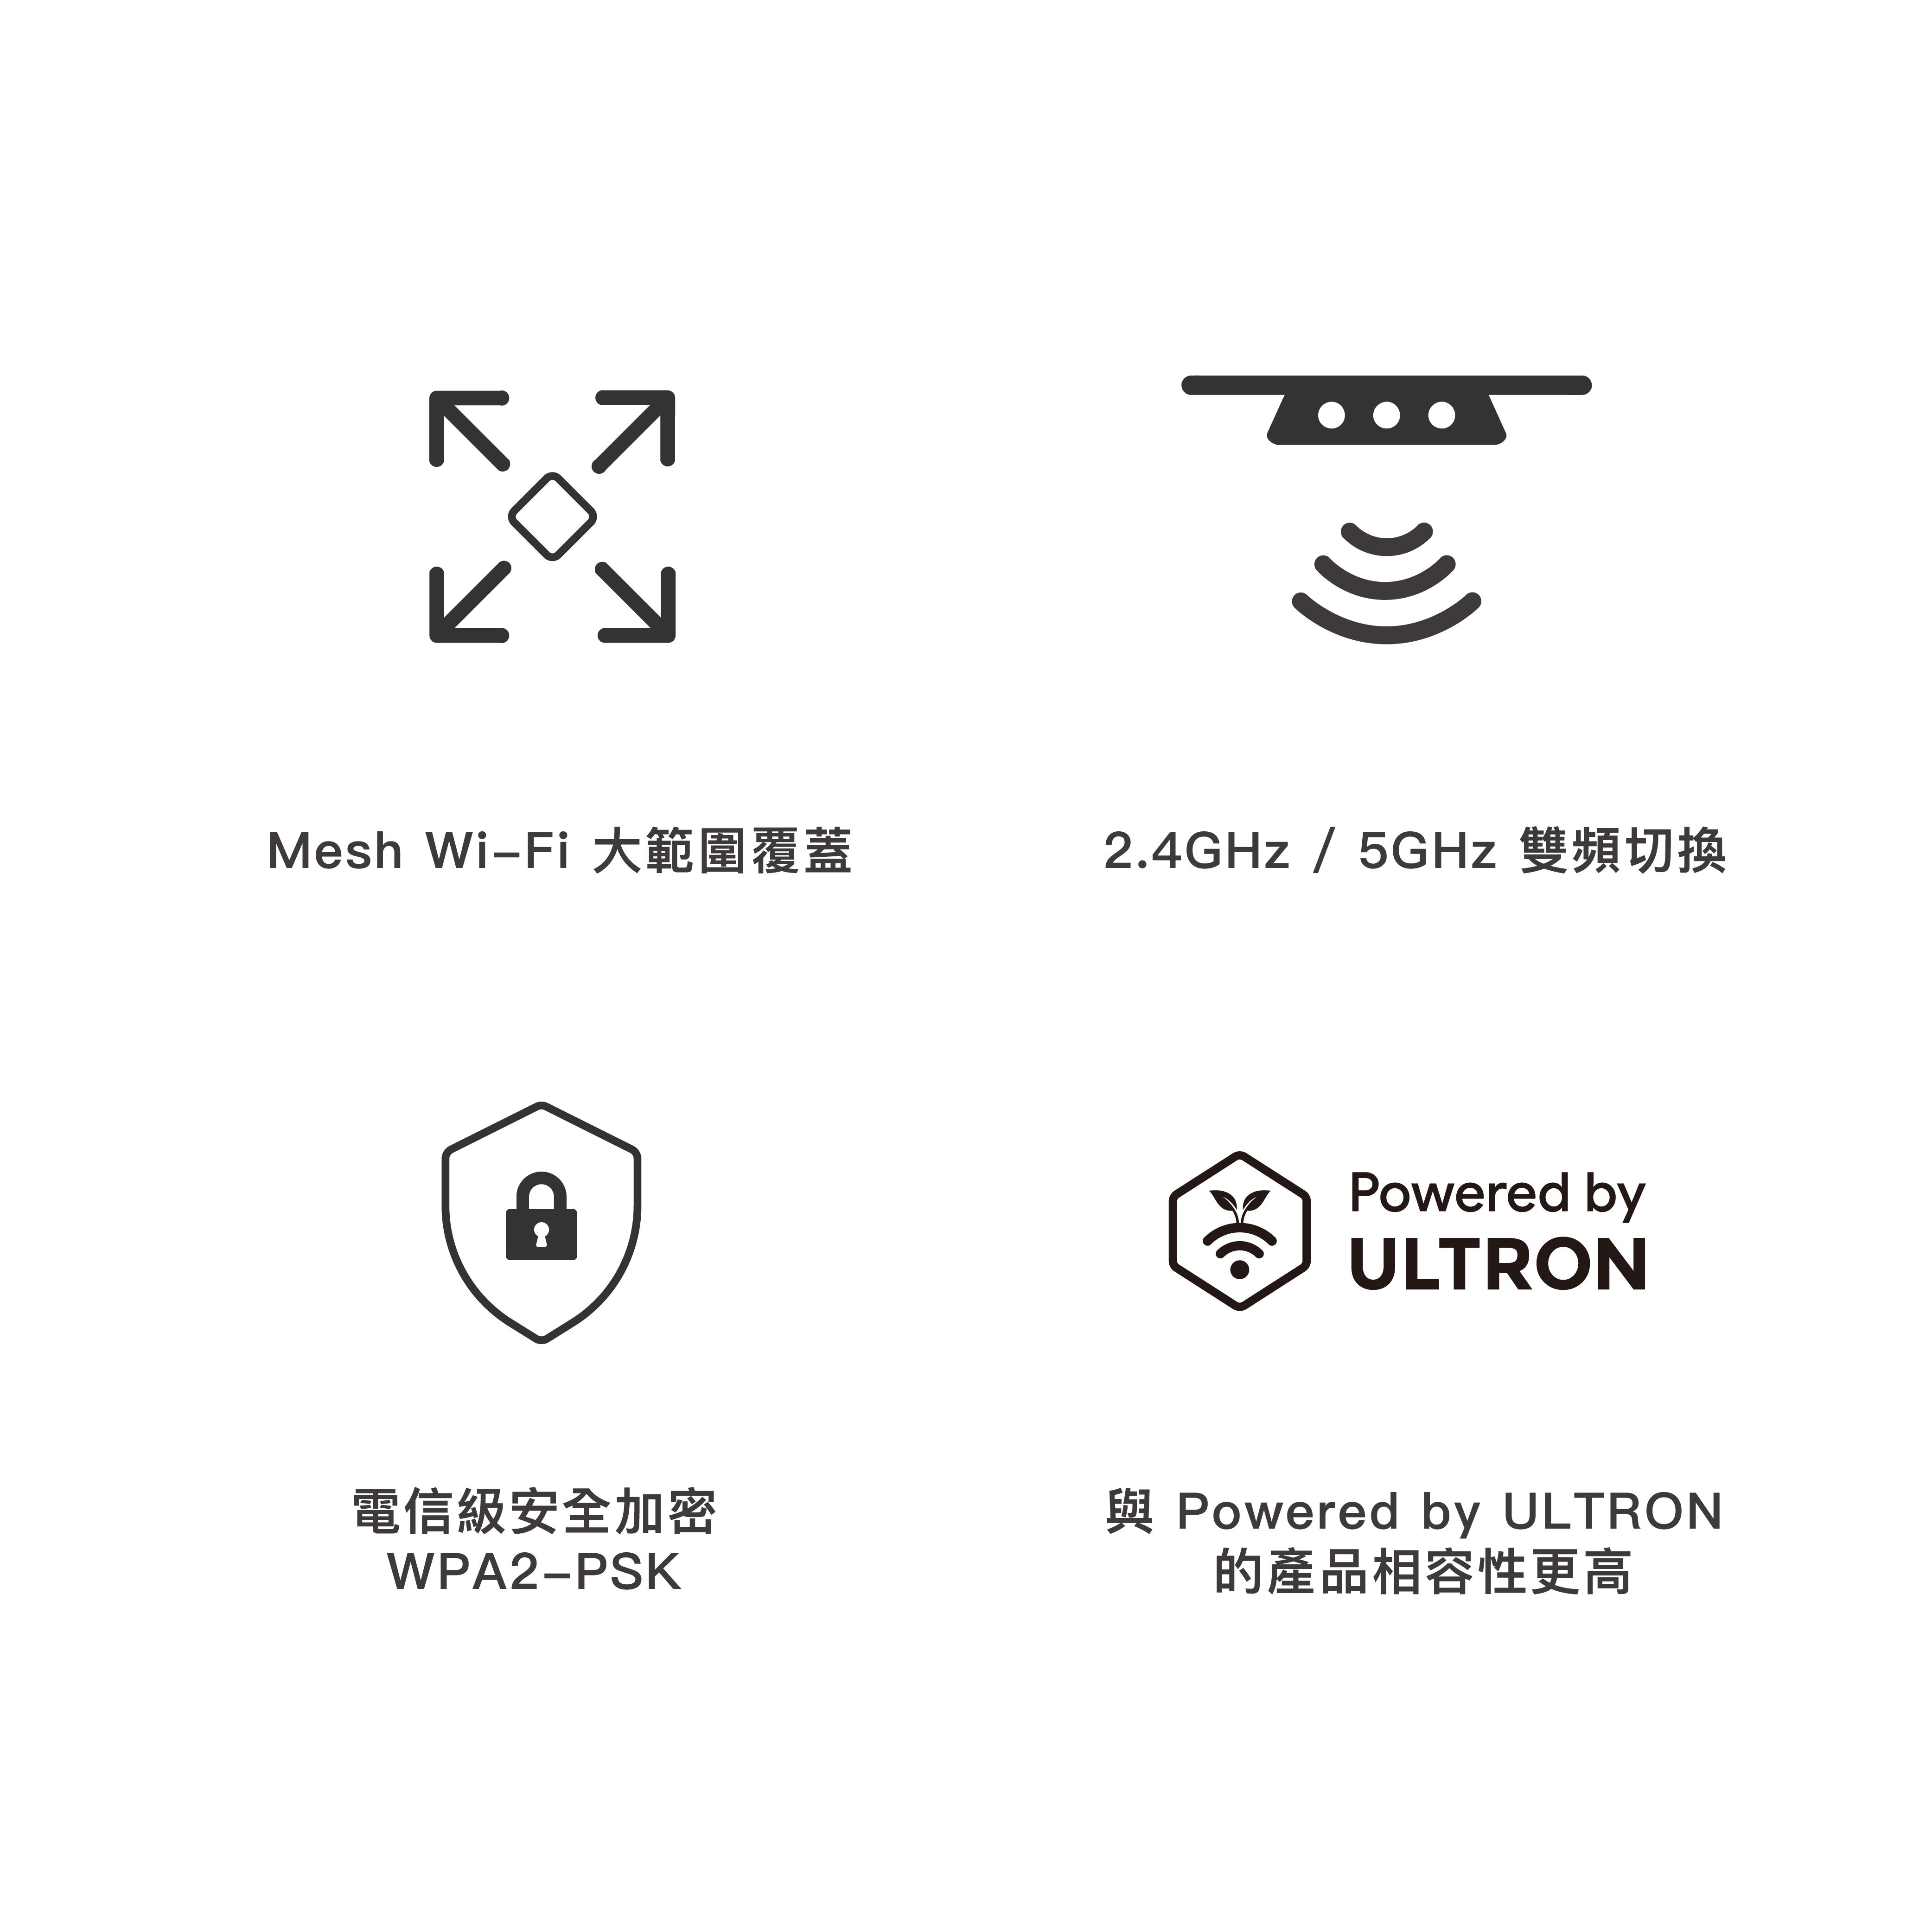 奧創無限基地台 B1 適用大坪數的商用與家用空間奧創無限基地台 B1 適用大坪數的商用與家用空間